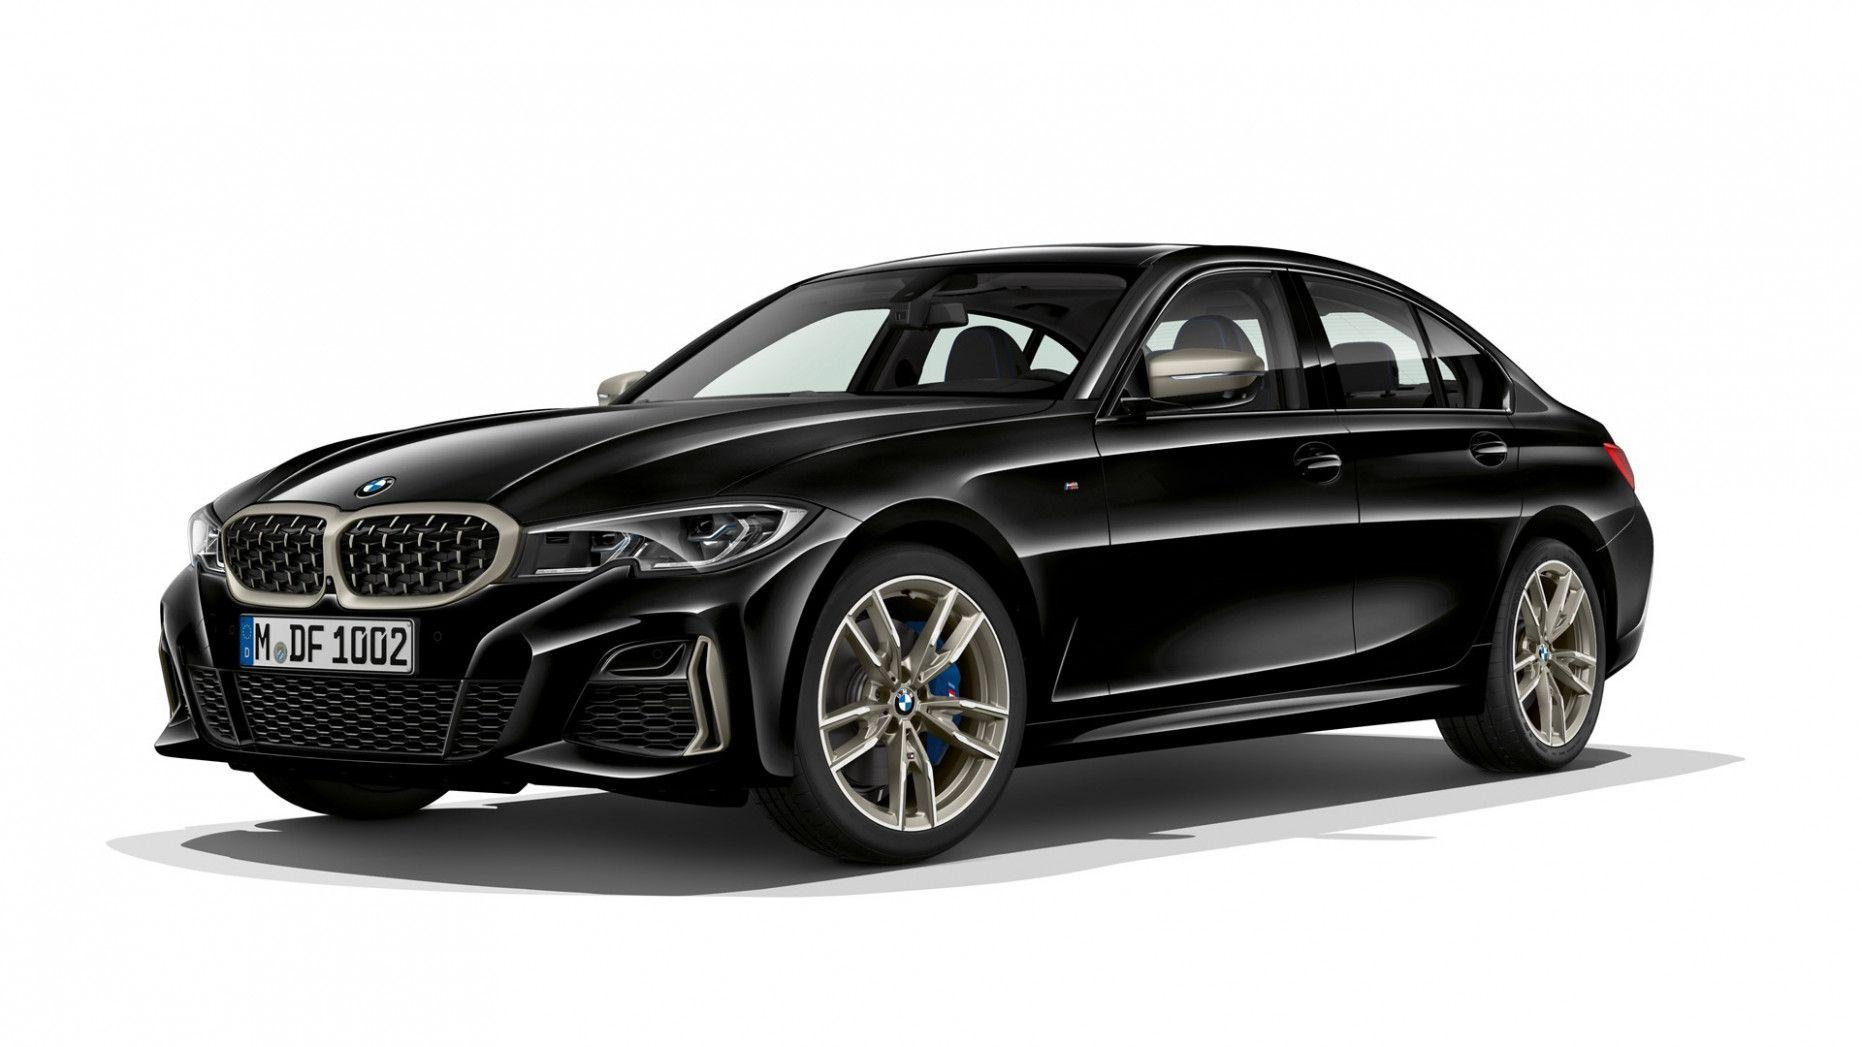 2020 Bmw M340i Price New Concept In 2020 Bmw Bmw M9 New Bmw